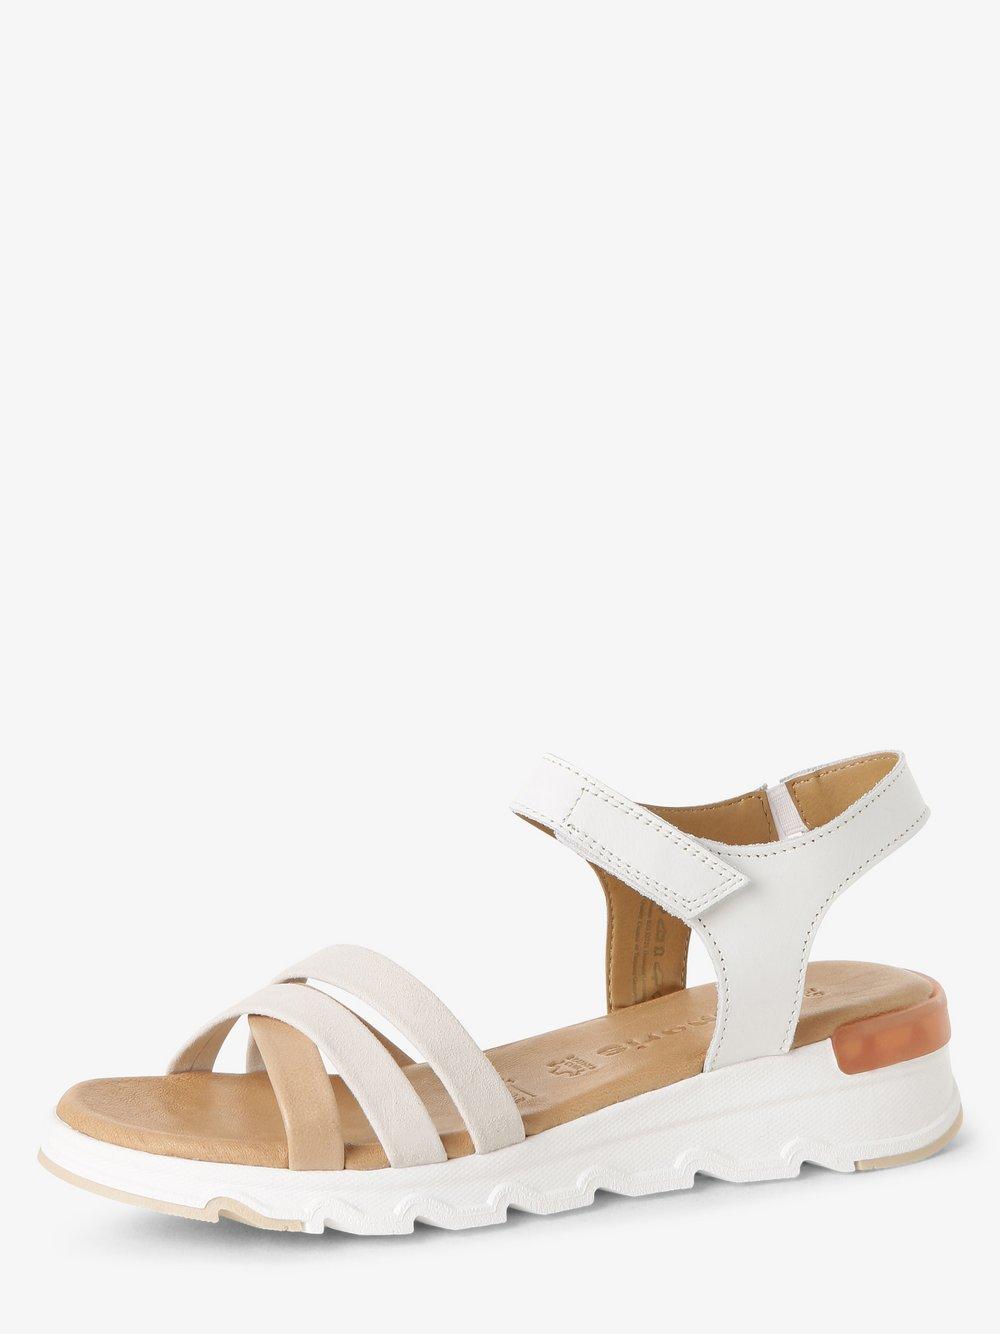 Tamaris - Sandały damskie ze skóry, biały